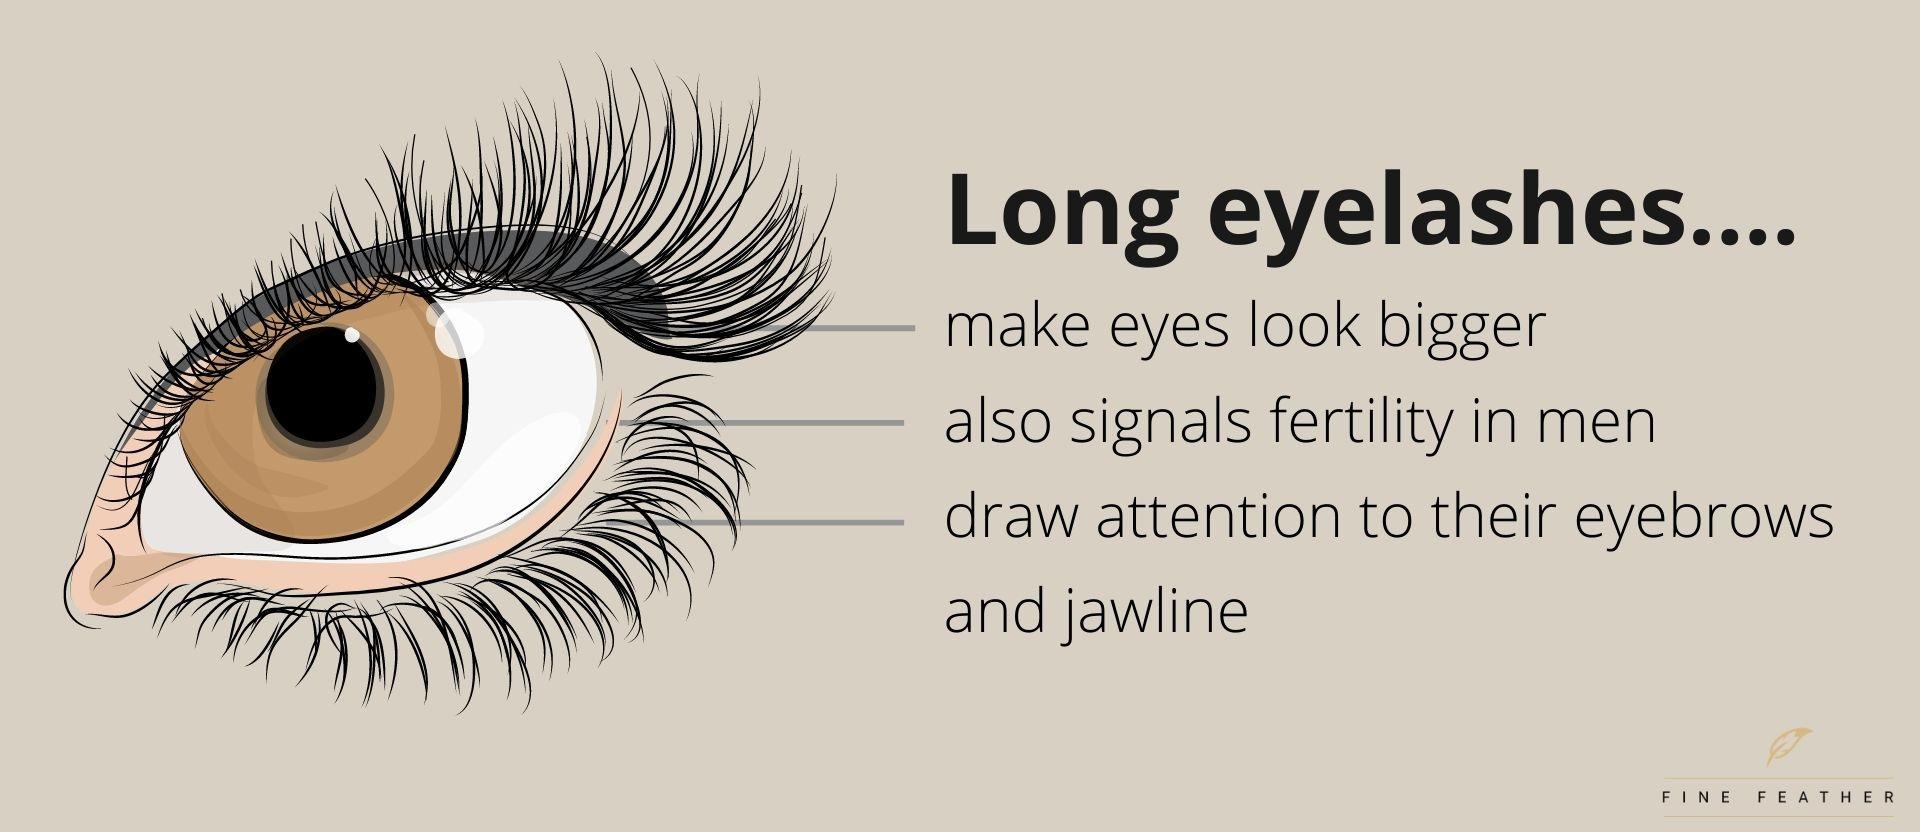 long eyelashes facts